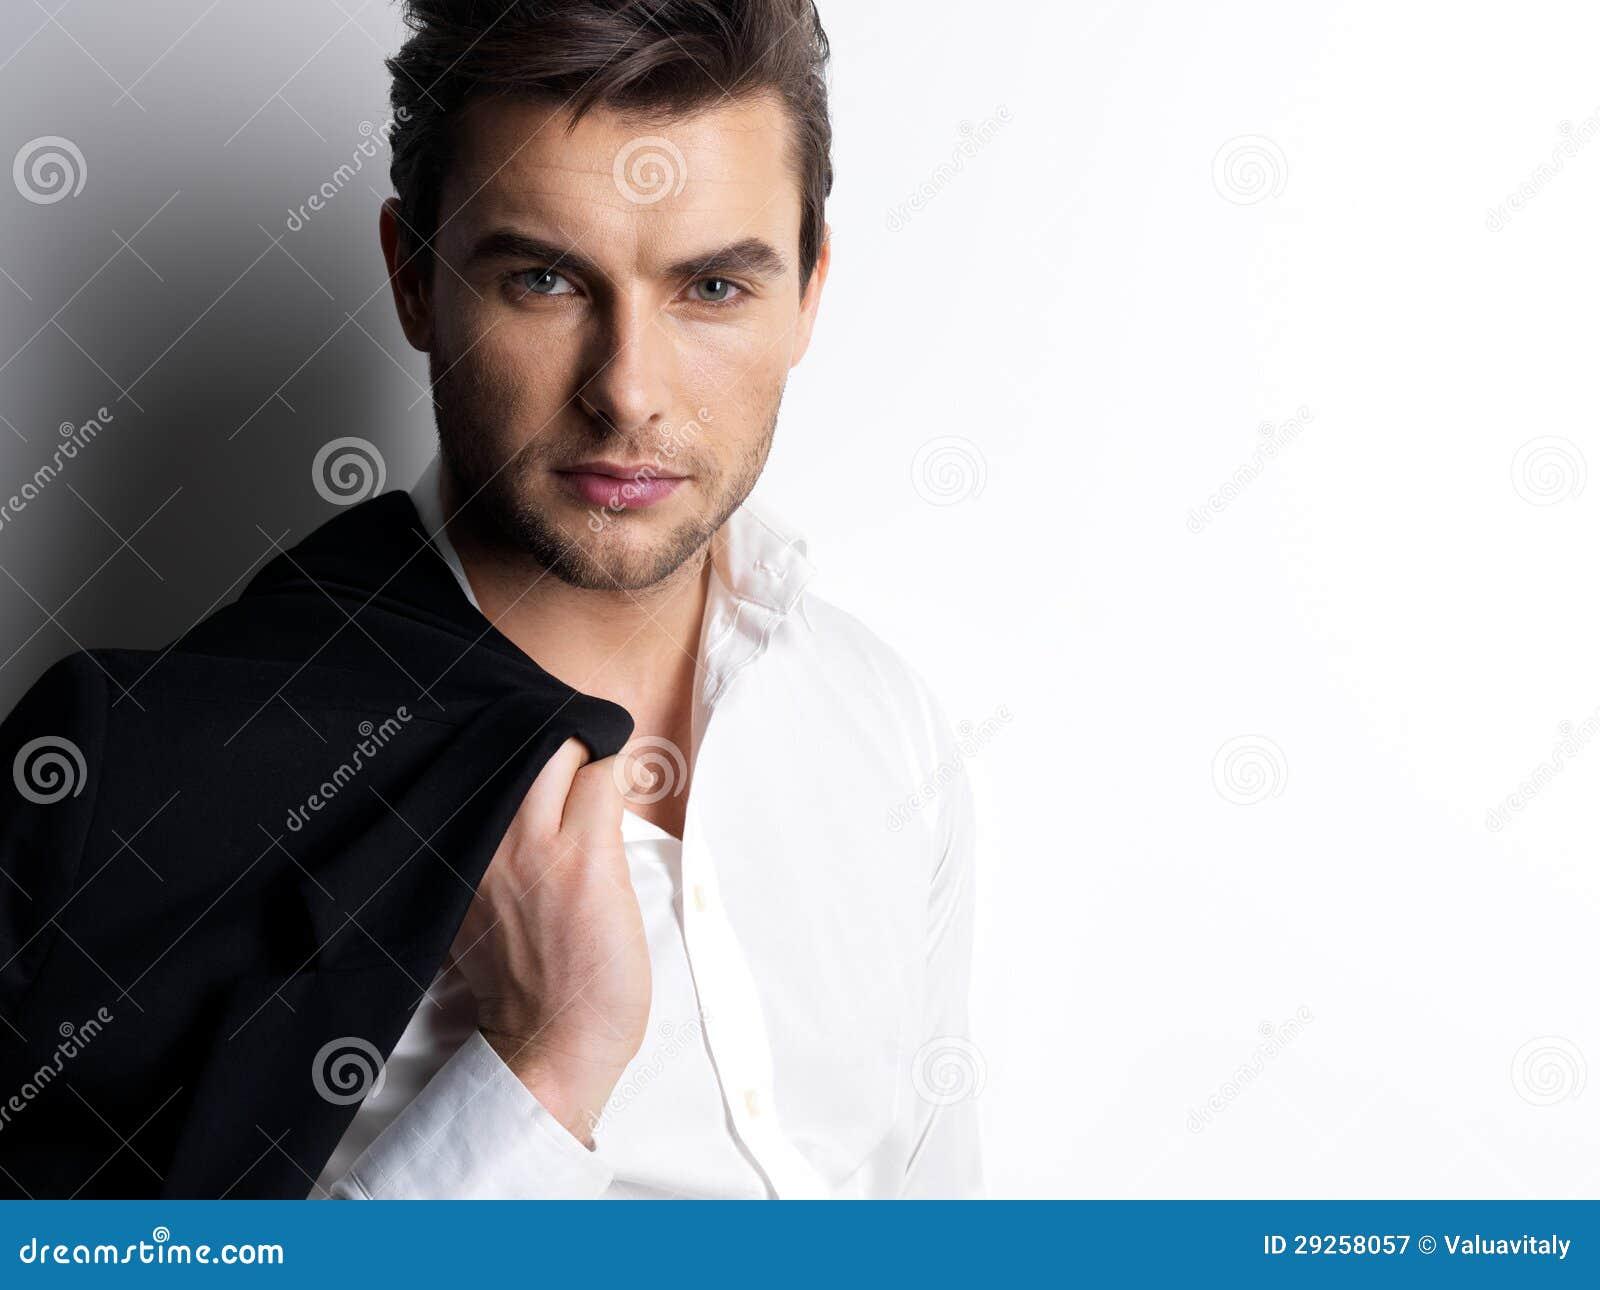 Fasonuje młodego człowieka w białych koszula chwytach czarna kurtka